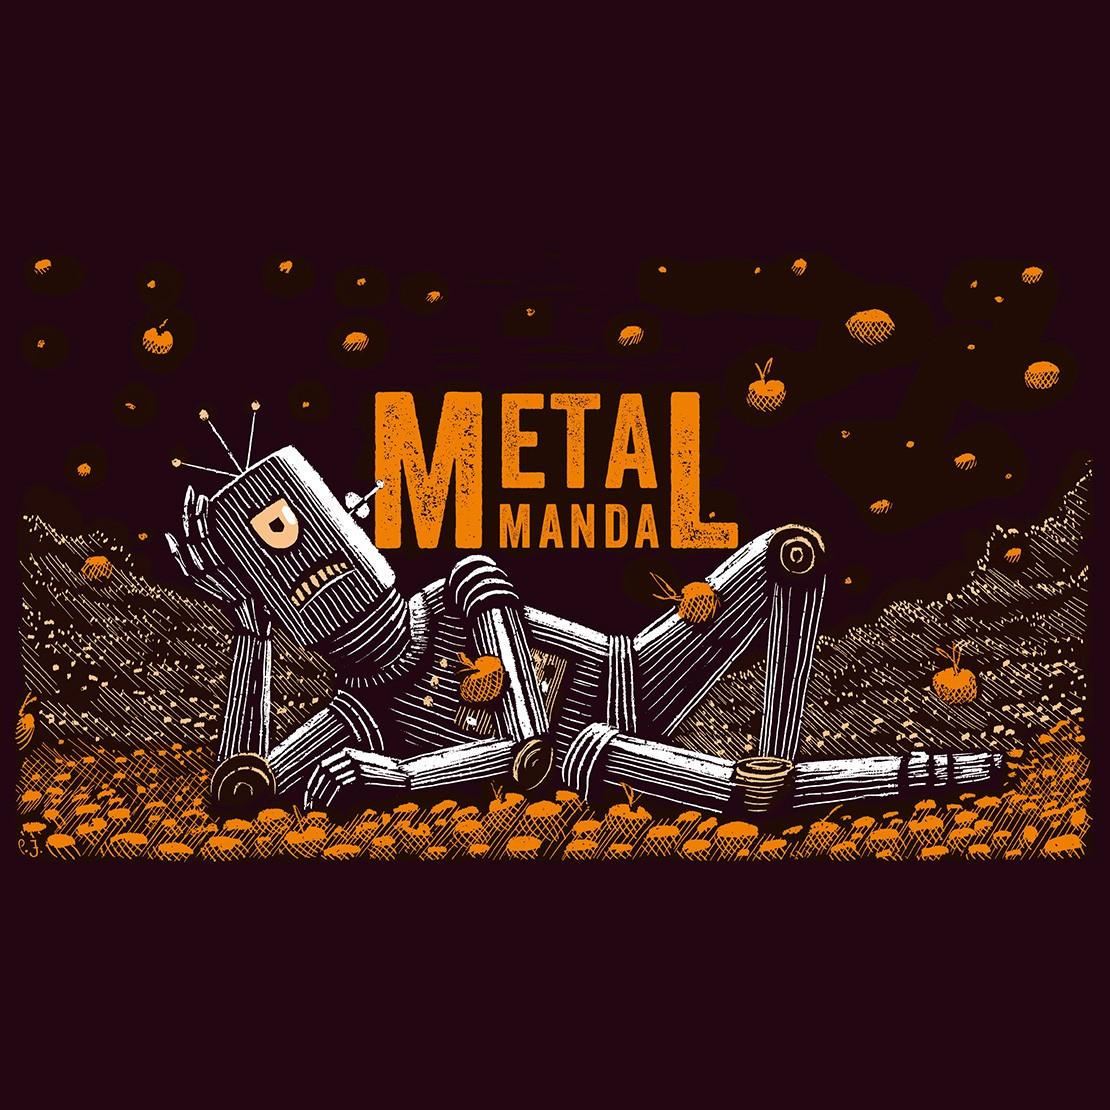 Ybnstoker Metal Manda 0,33L